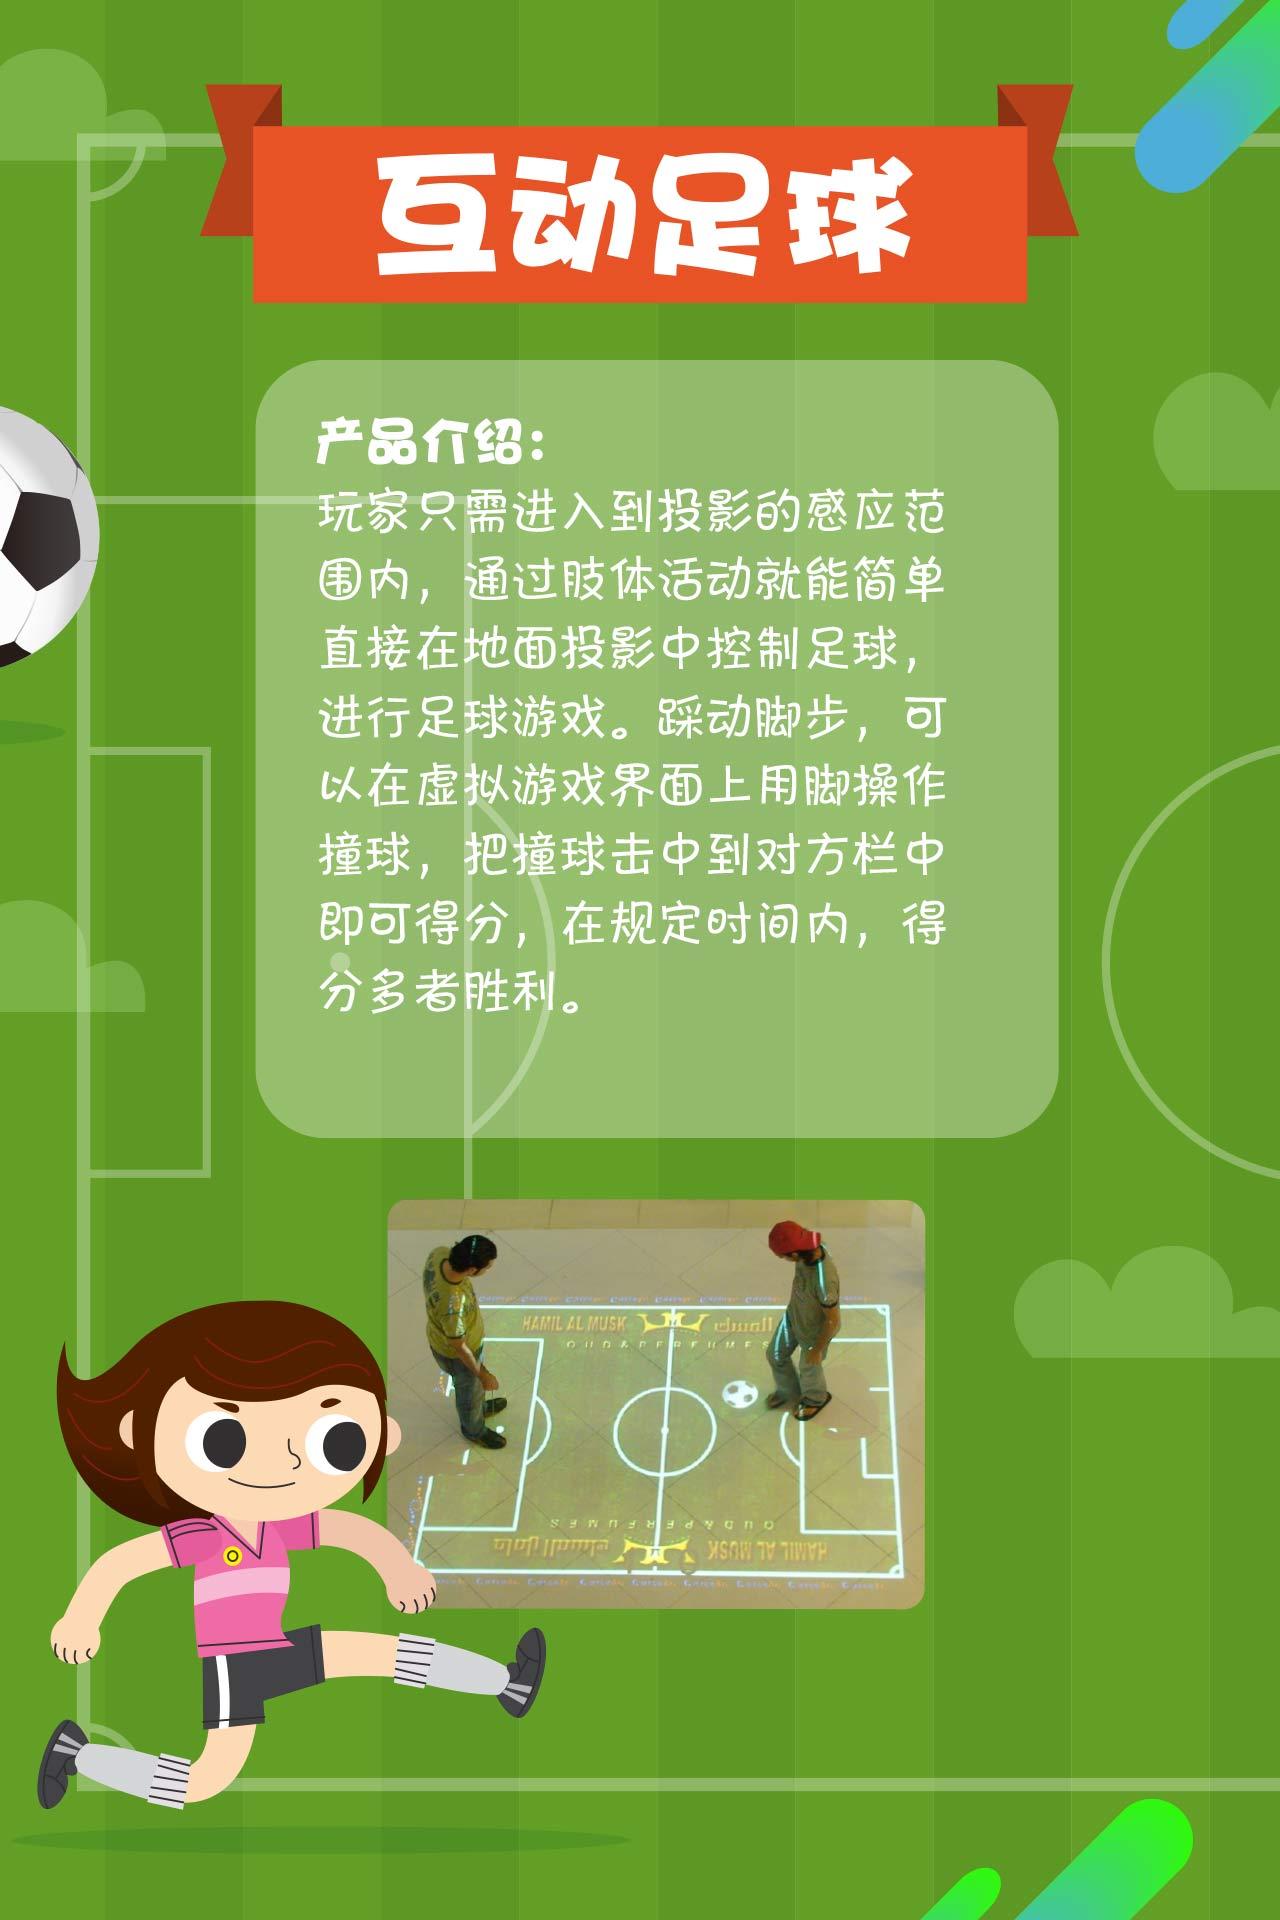 互动投影AR足球